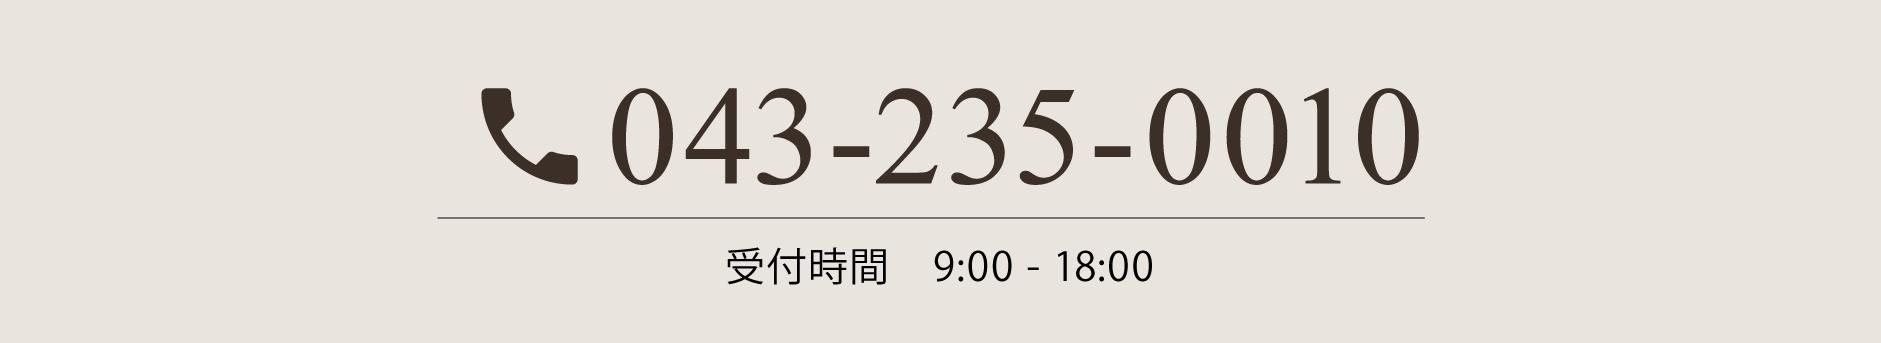 043-235-0010 受付時間 9:00-18:00